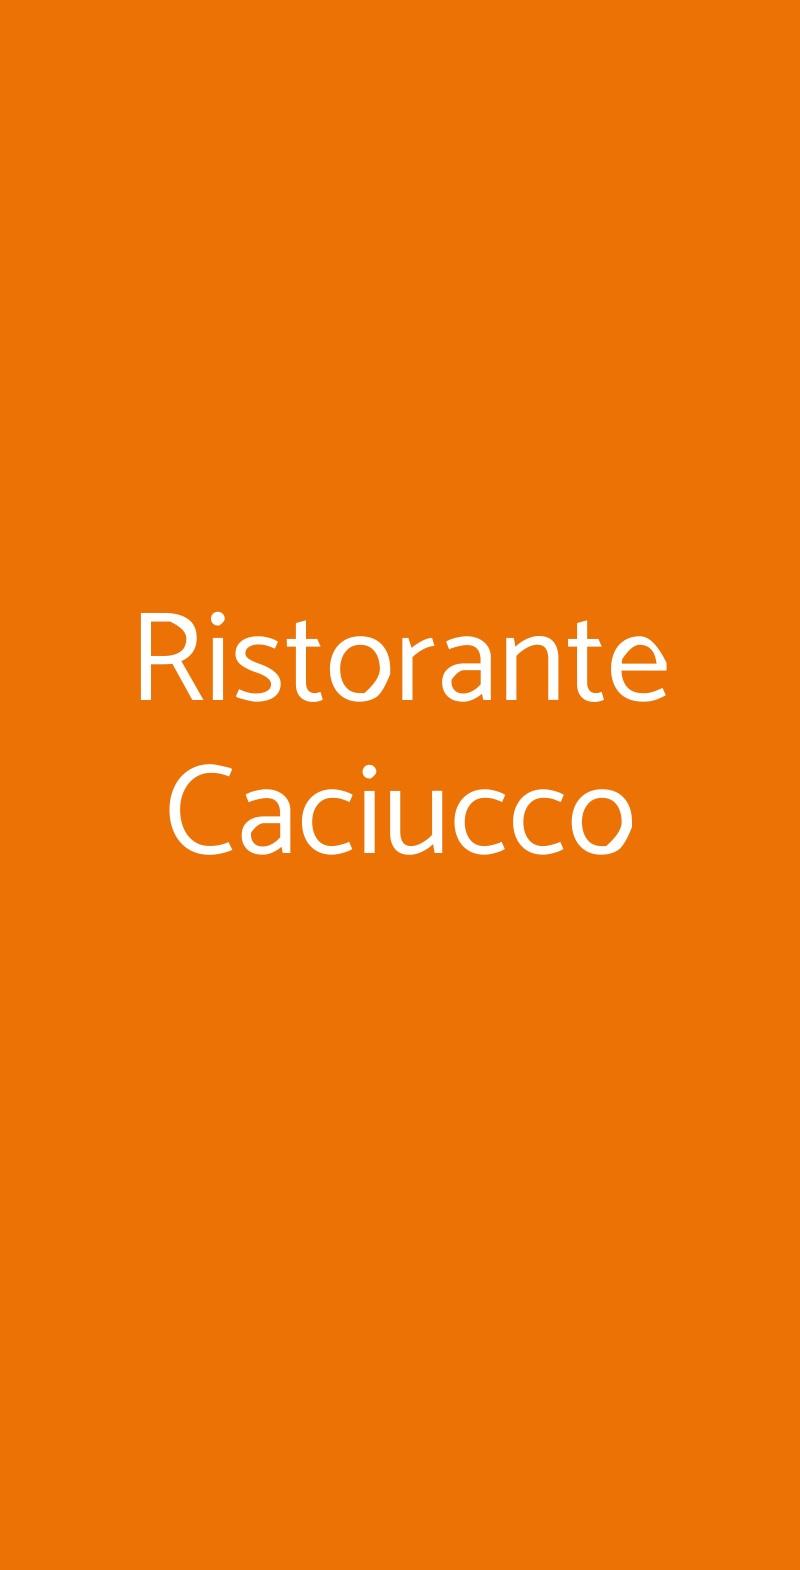 Ristorante Caciucco Torino menù 1 pagina